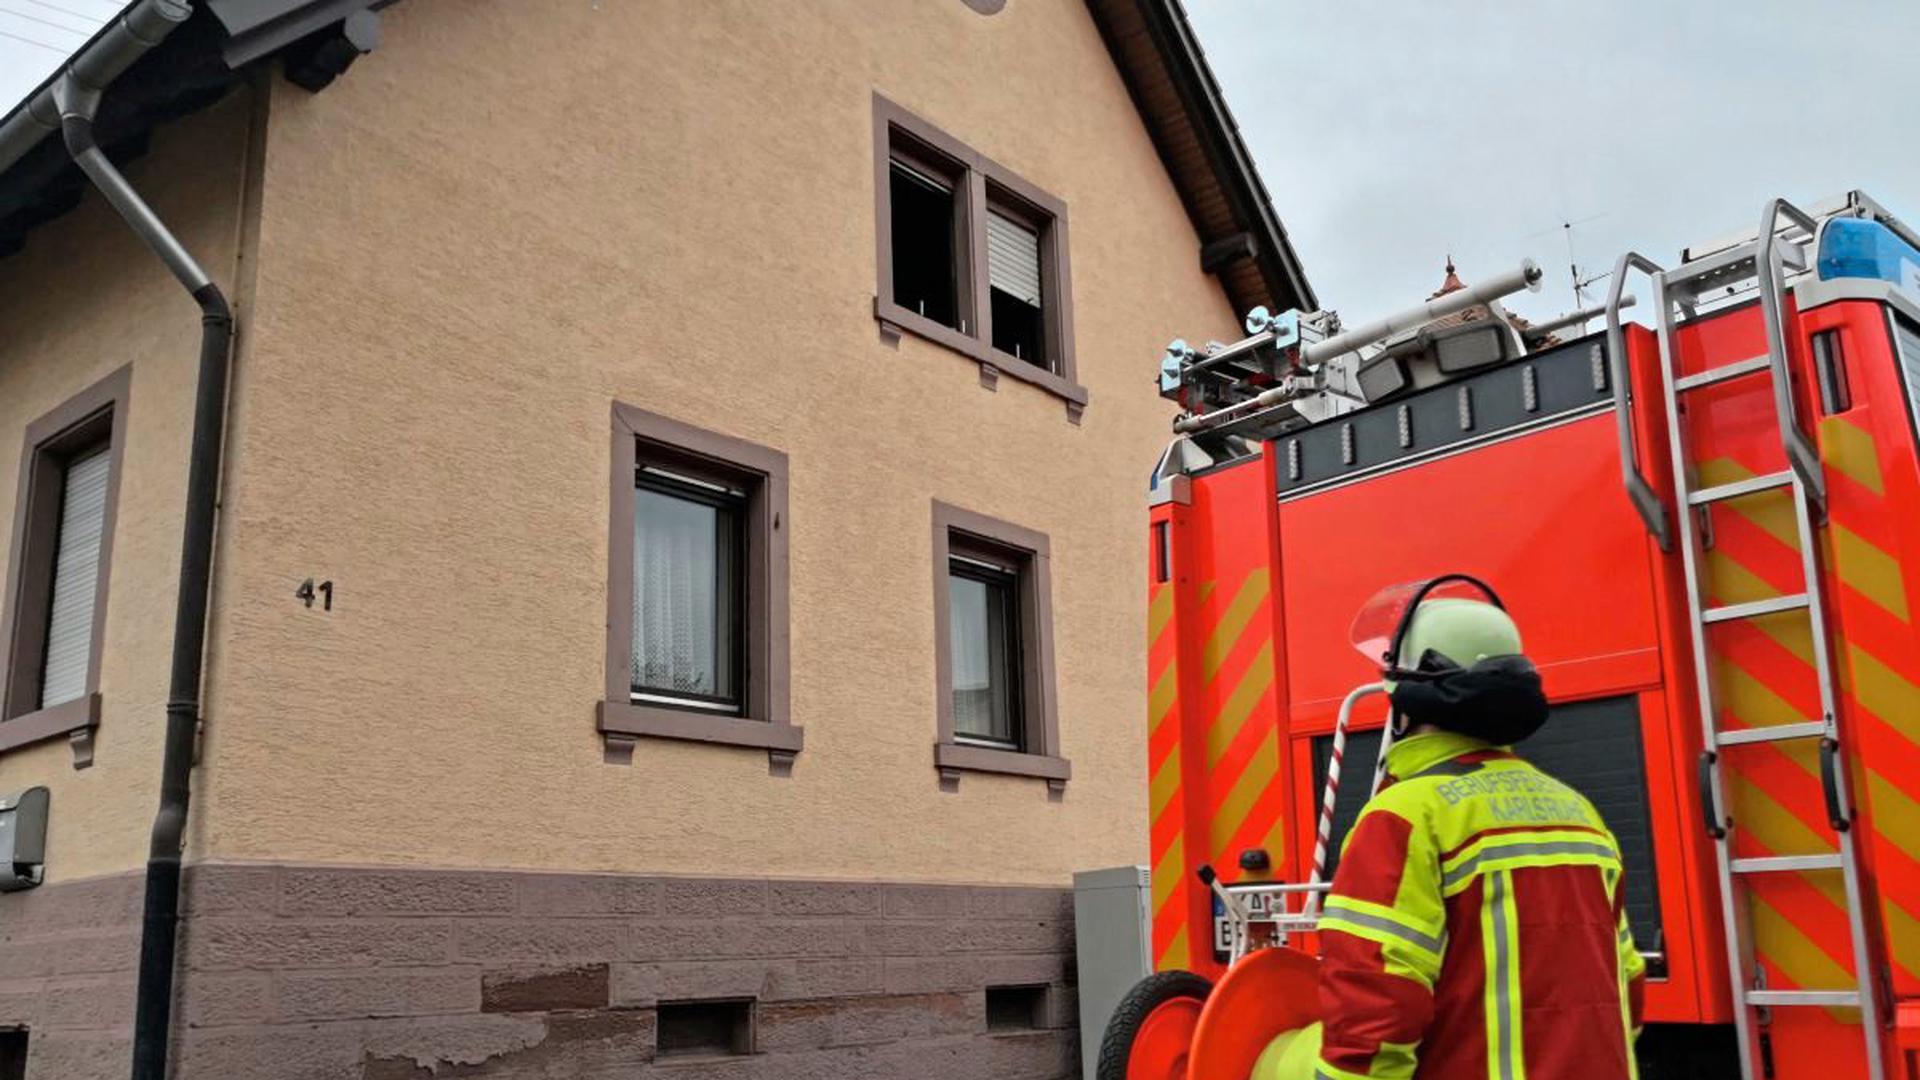 Bei einem Dachstuhlbrand in diesem Haus in Karlsruhe-Palmbach ist am Mittwoch eine 61-jährige Frau gestorben.